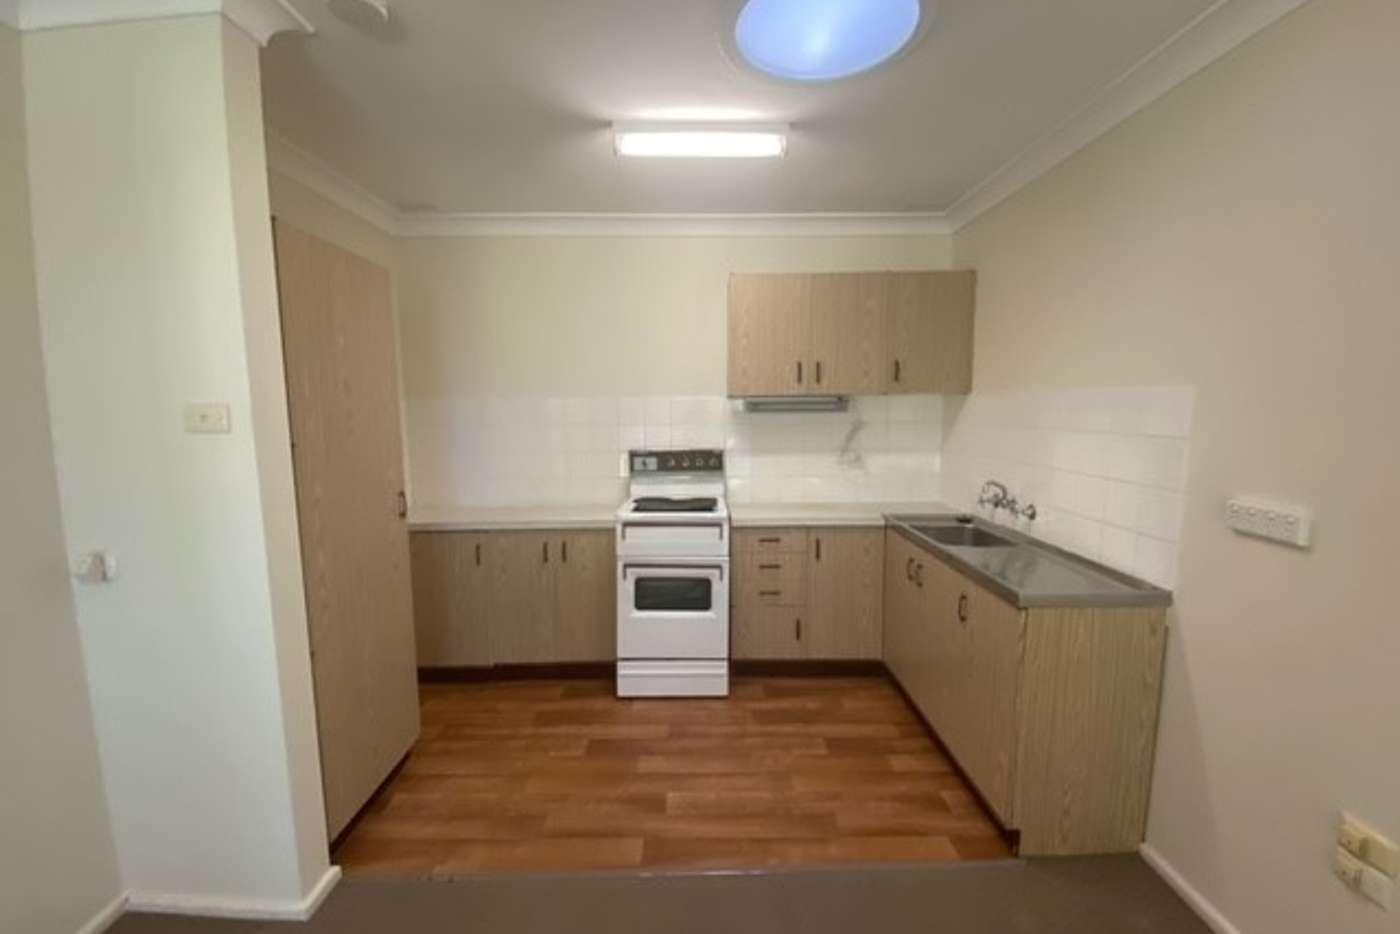 Main view of Homely villa listing, 27/22 Taronga Parade, Caringbah NSW 2229